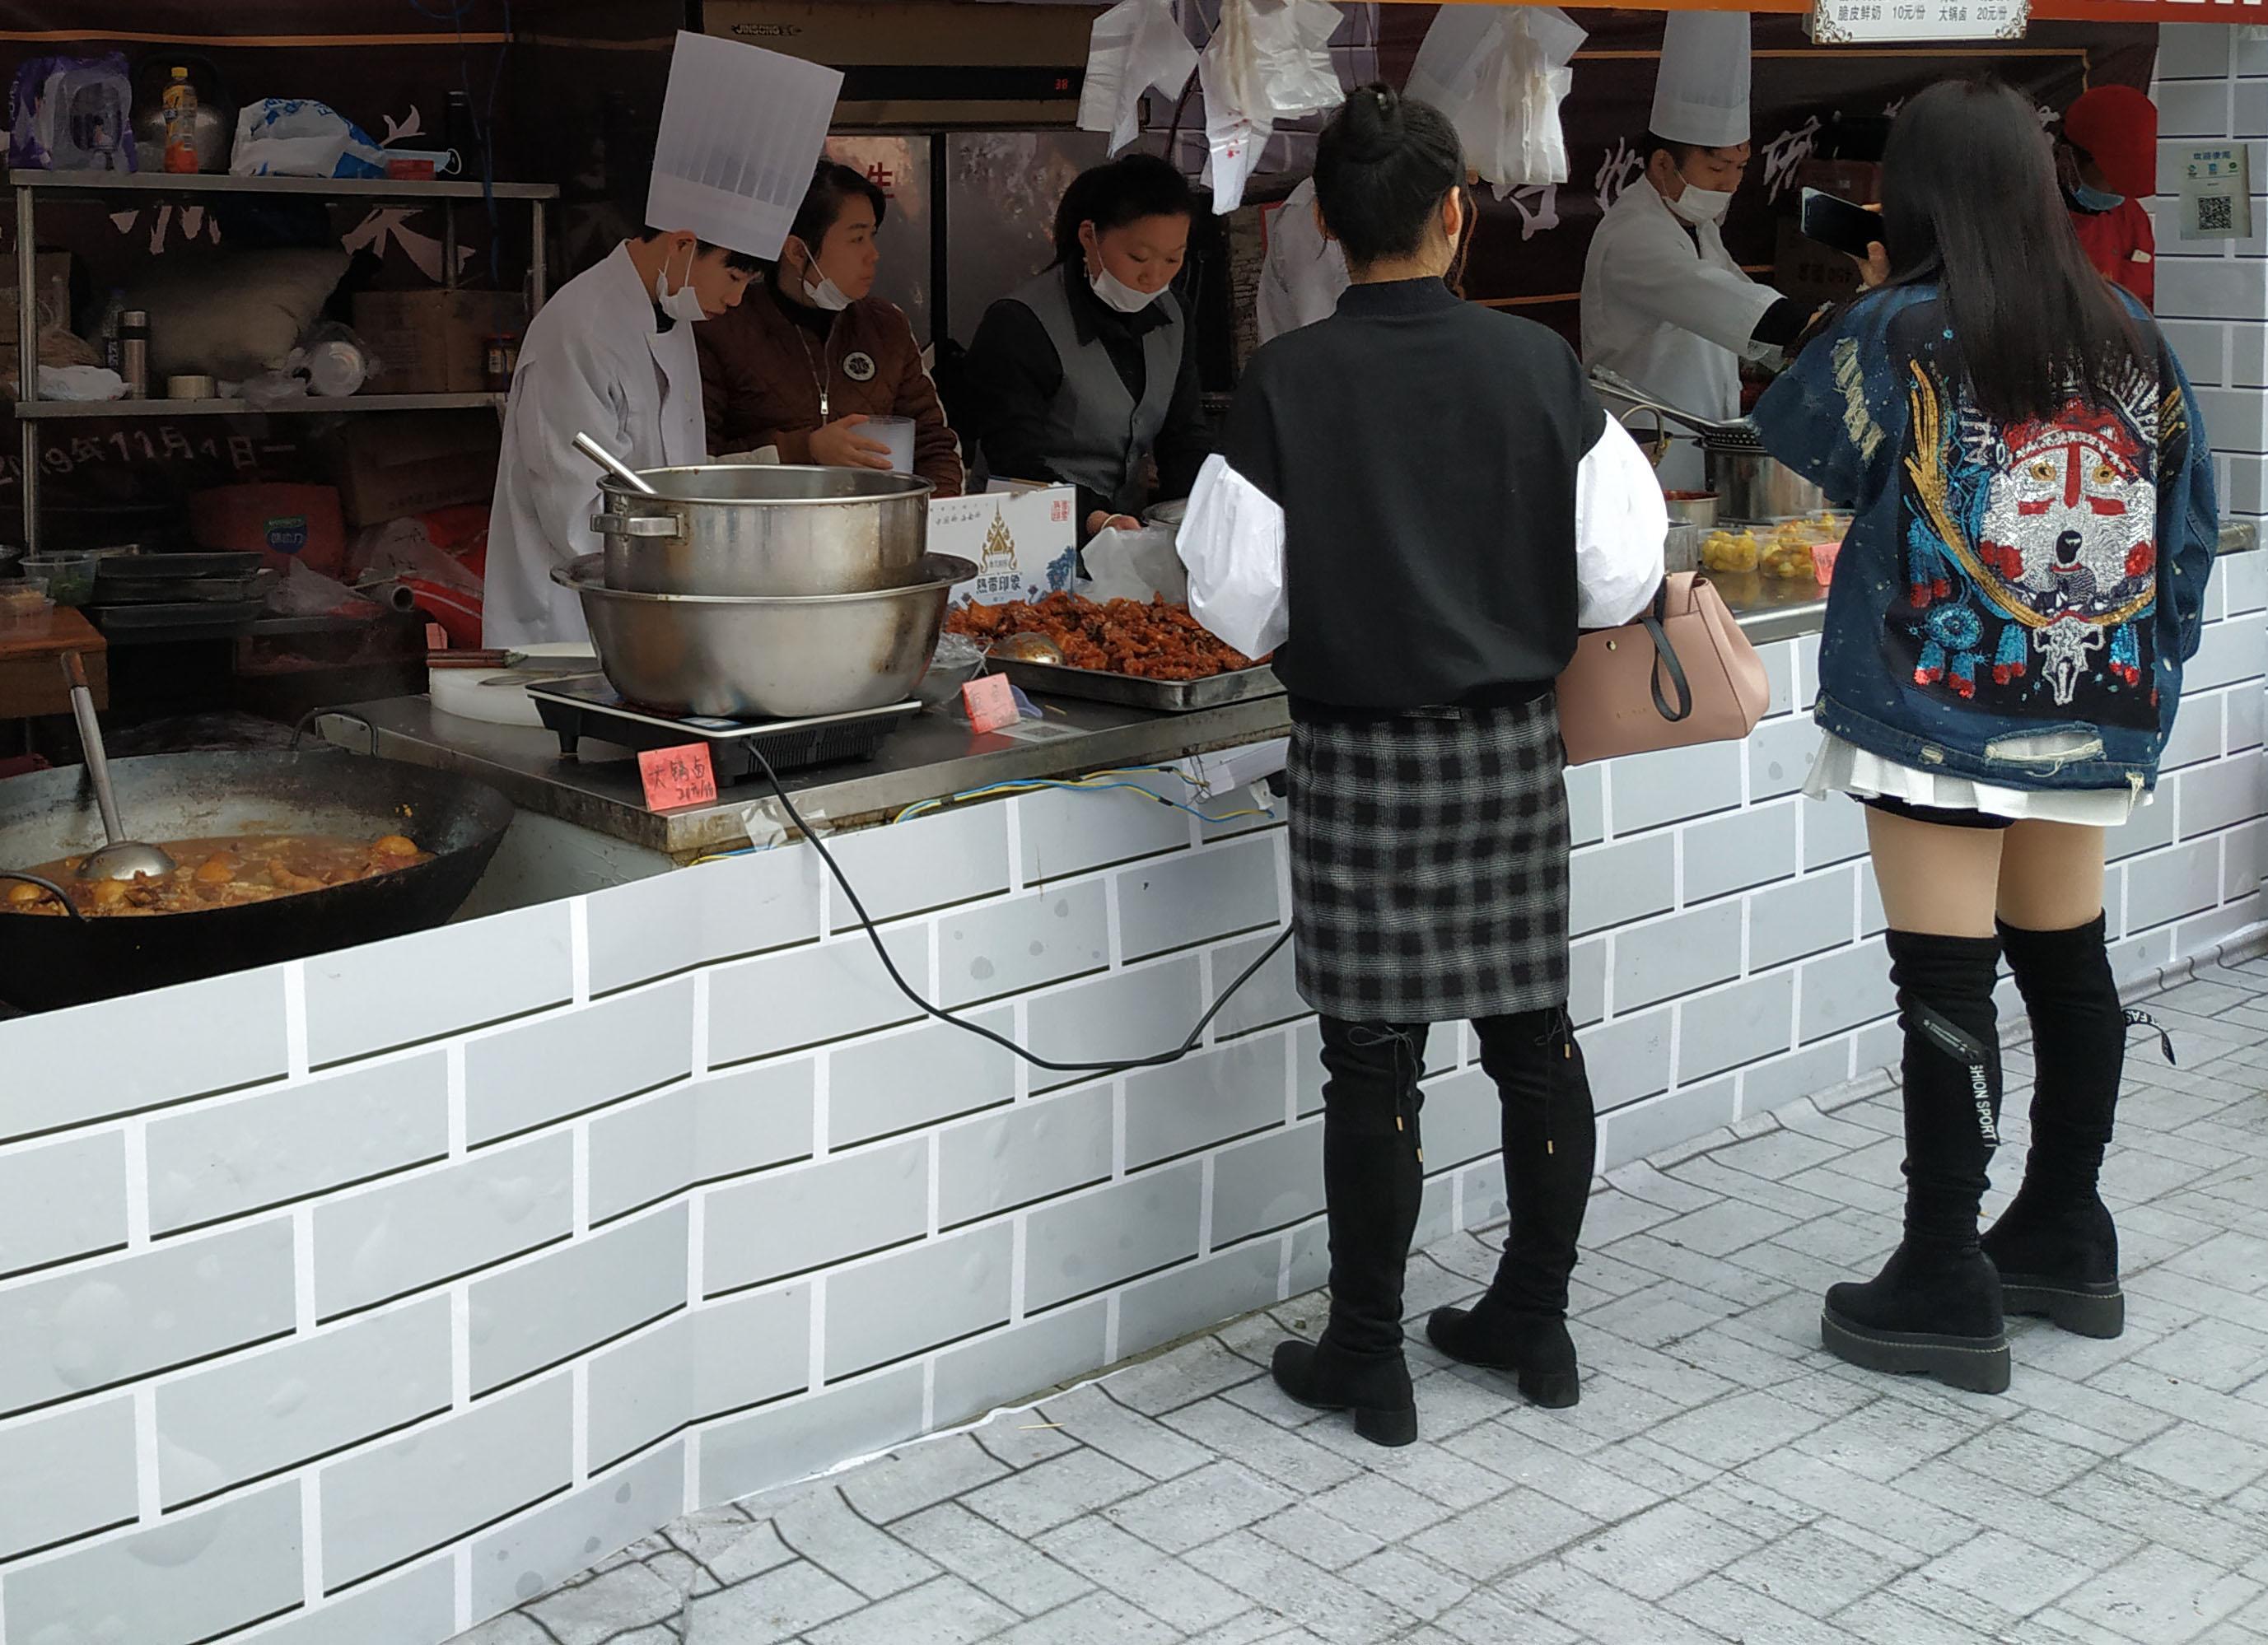 西安小伙到台州临海游玩,偶遇当地美食节,吃了济公发明的美食